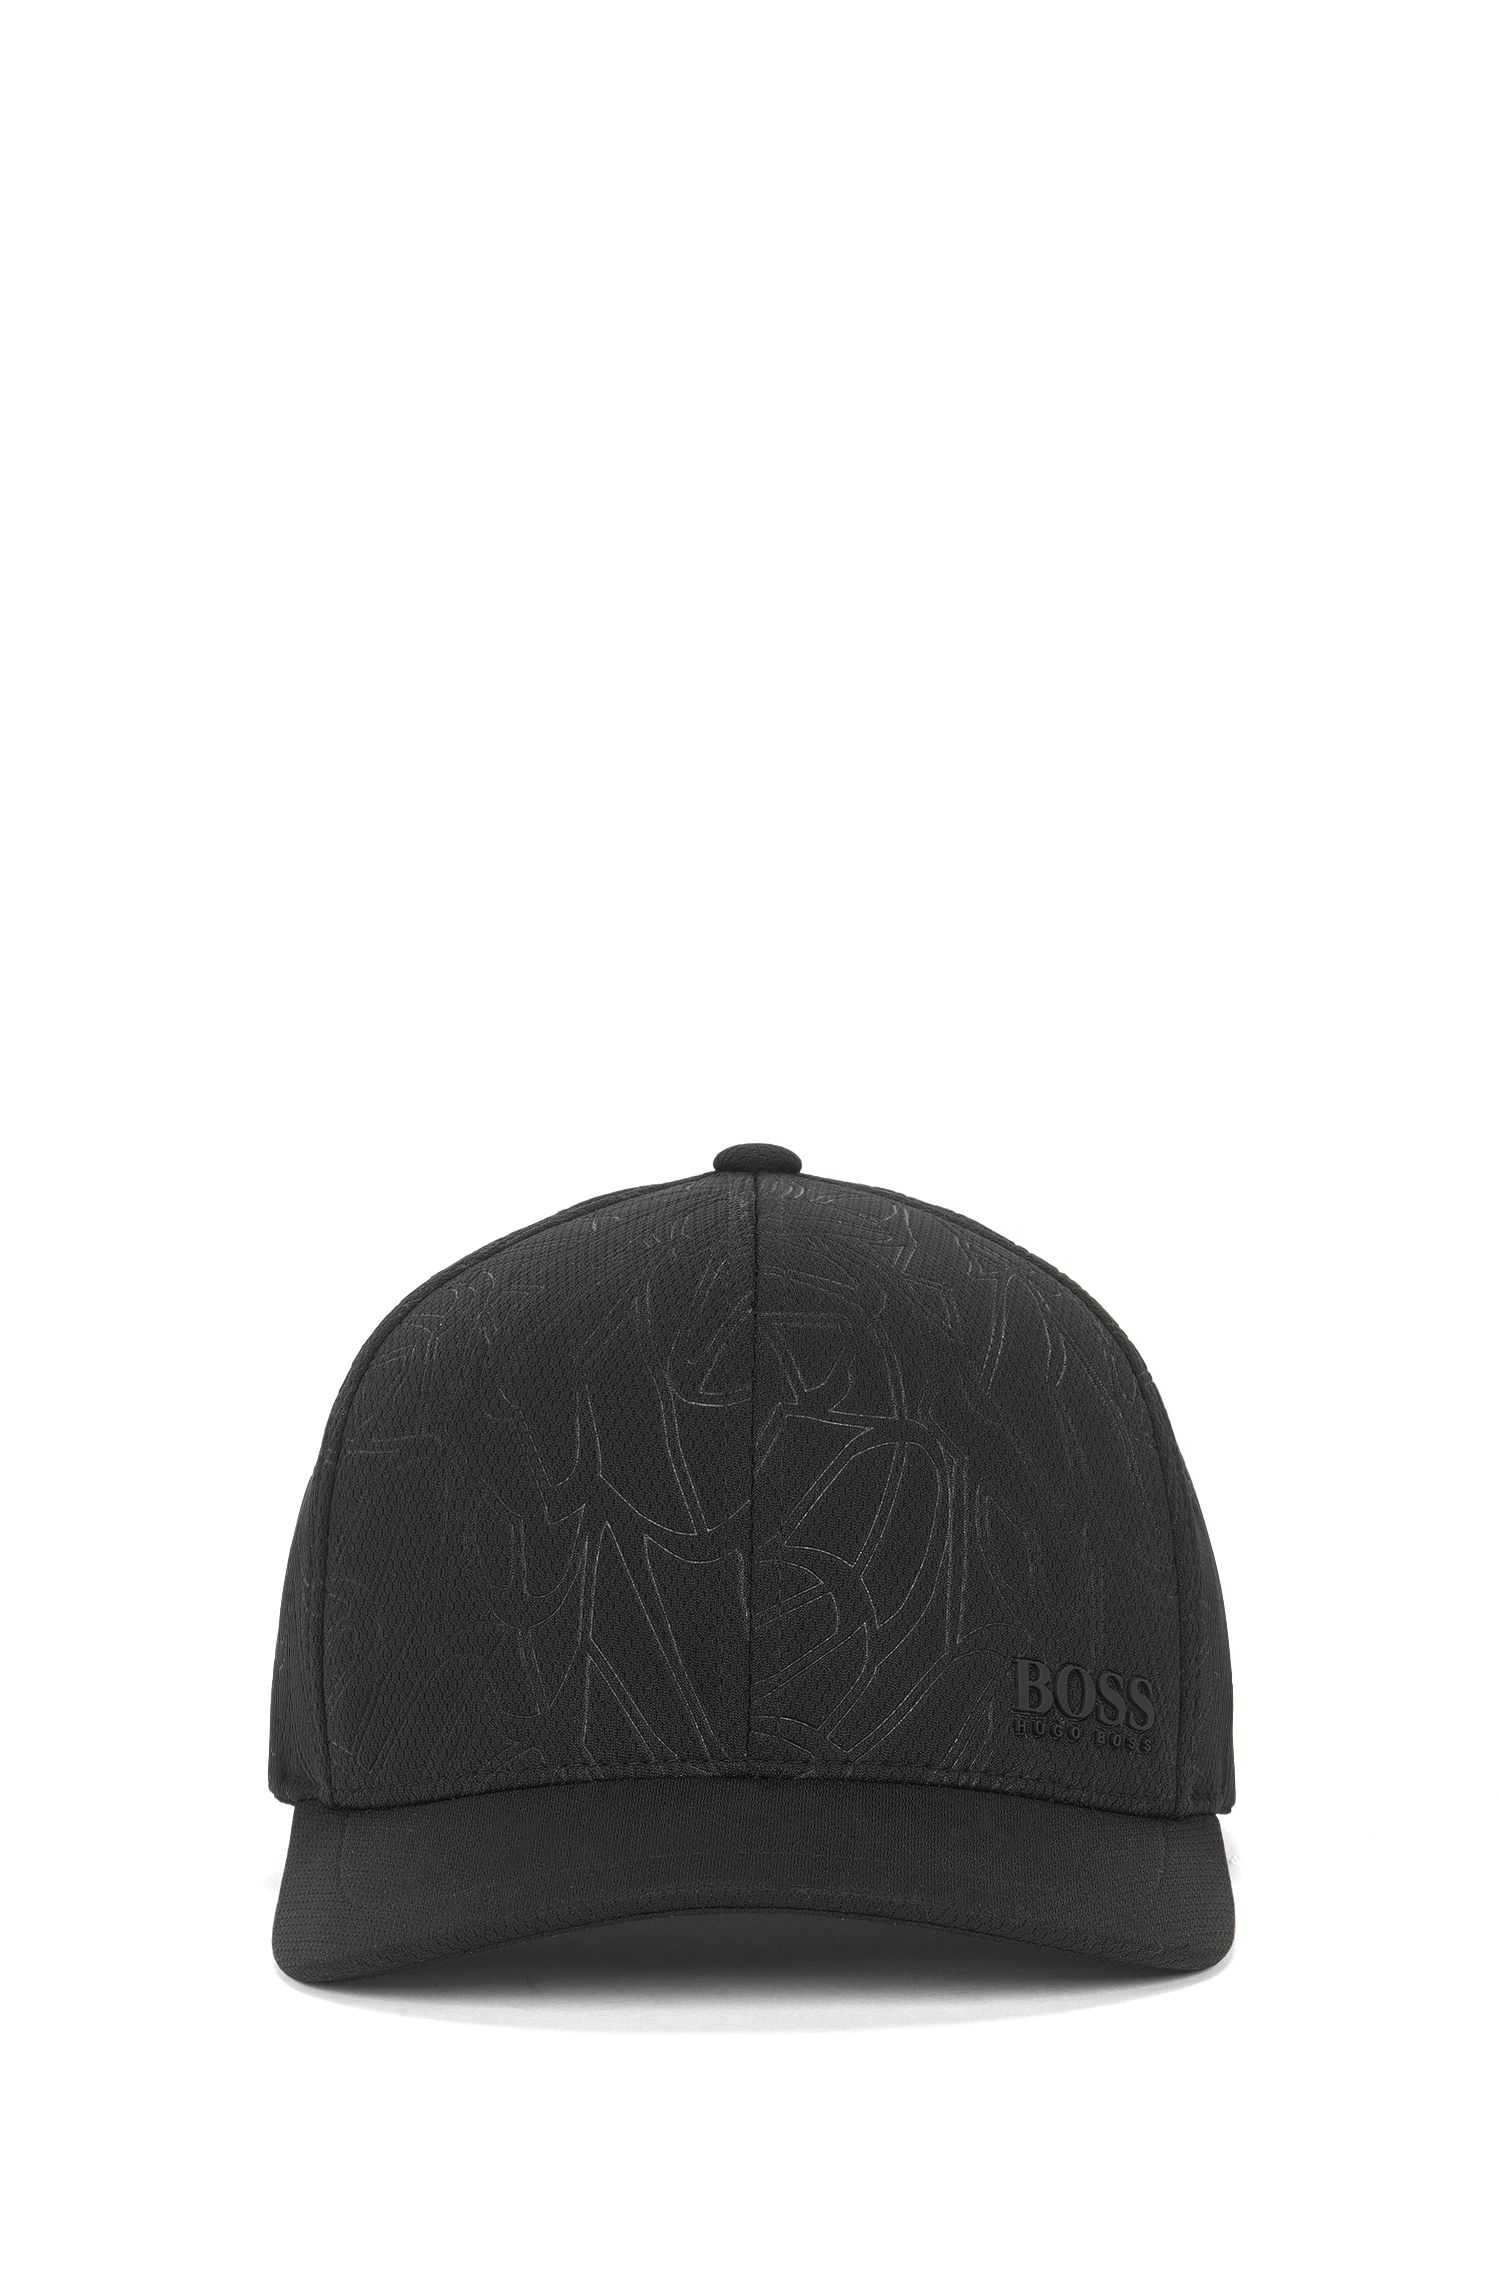 Honeycomb Woven Baseball Cap | Printcap